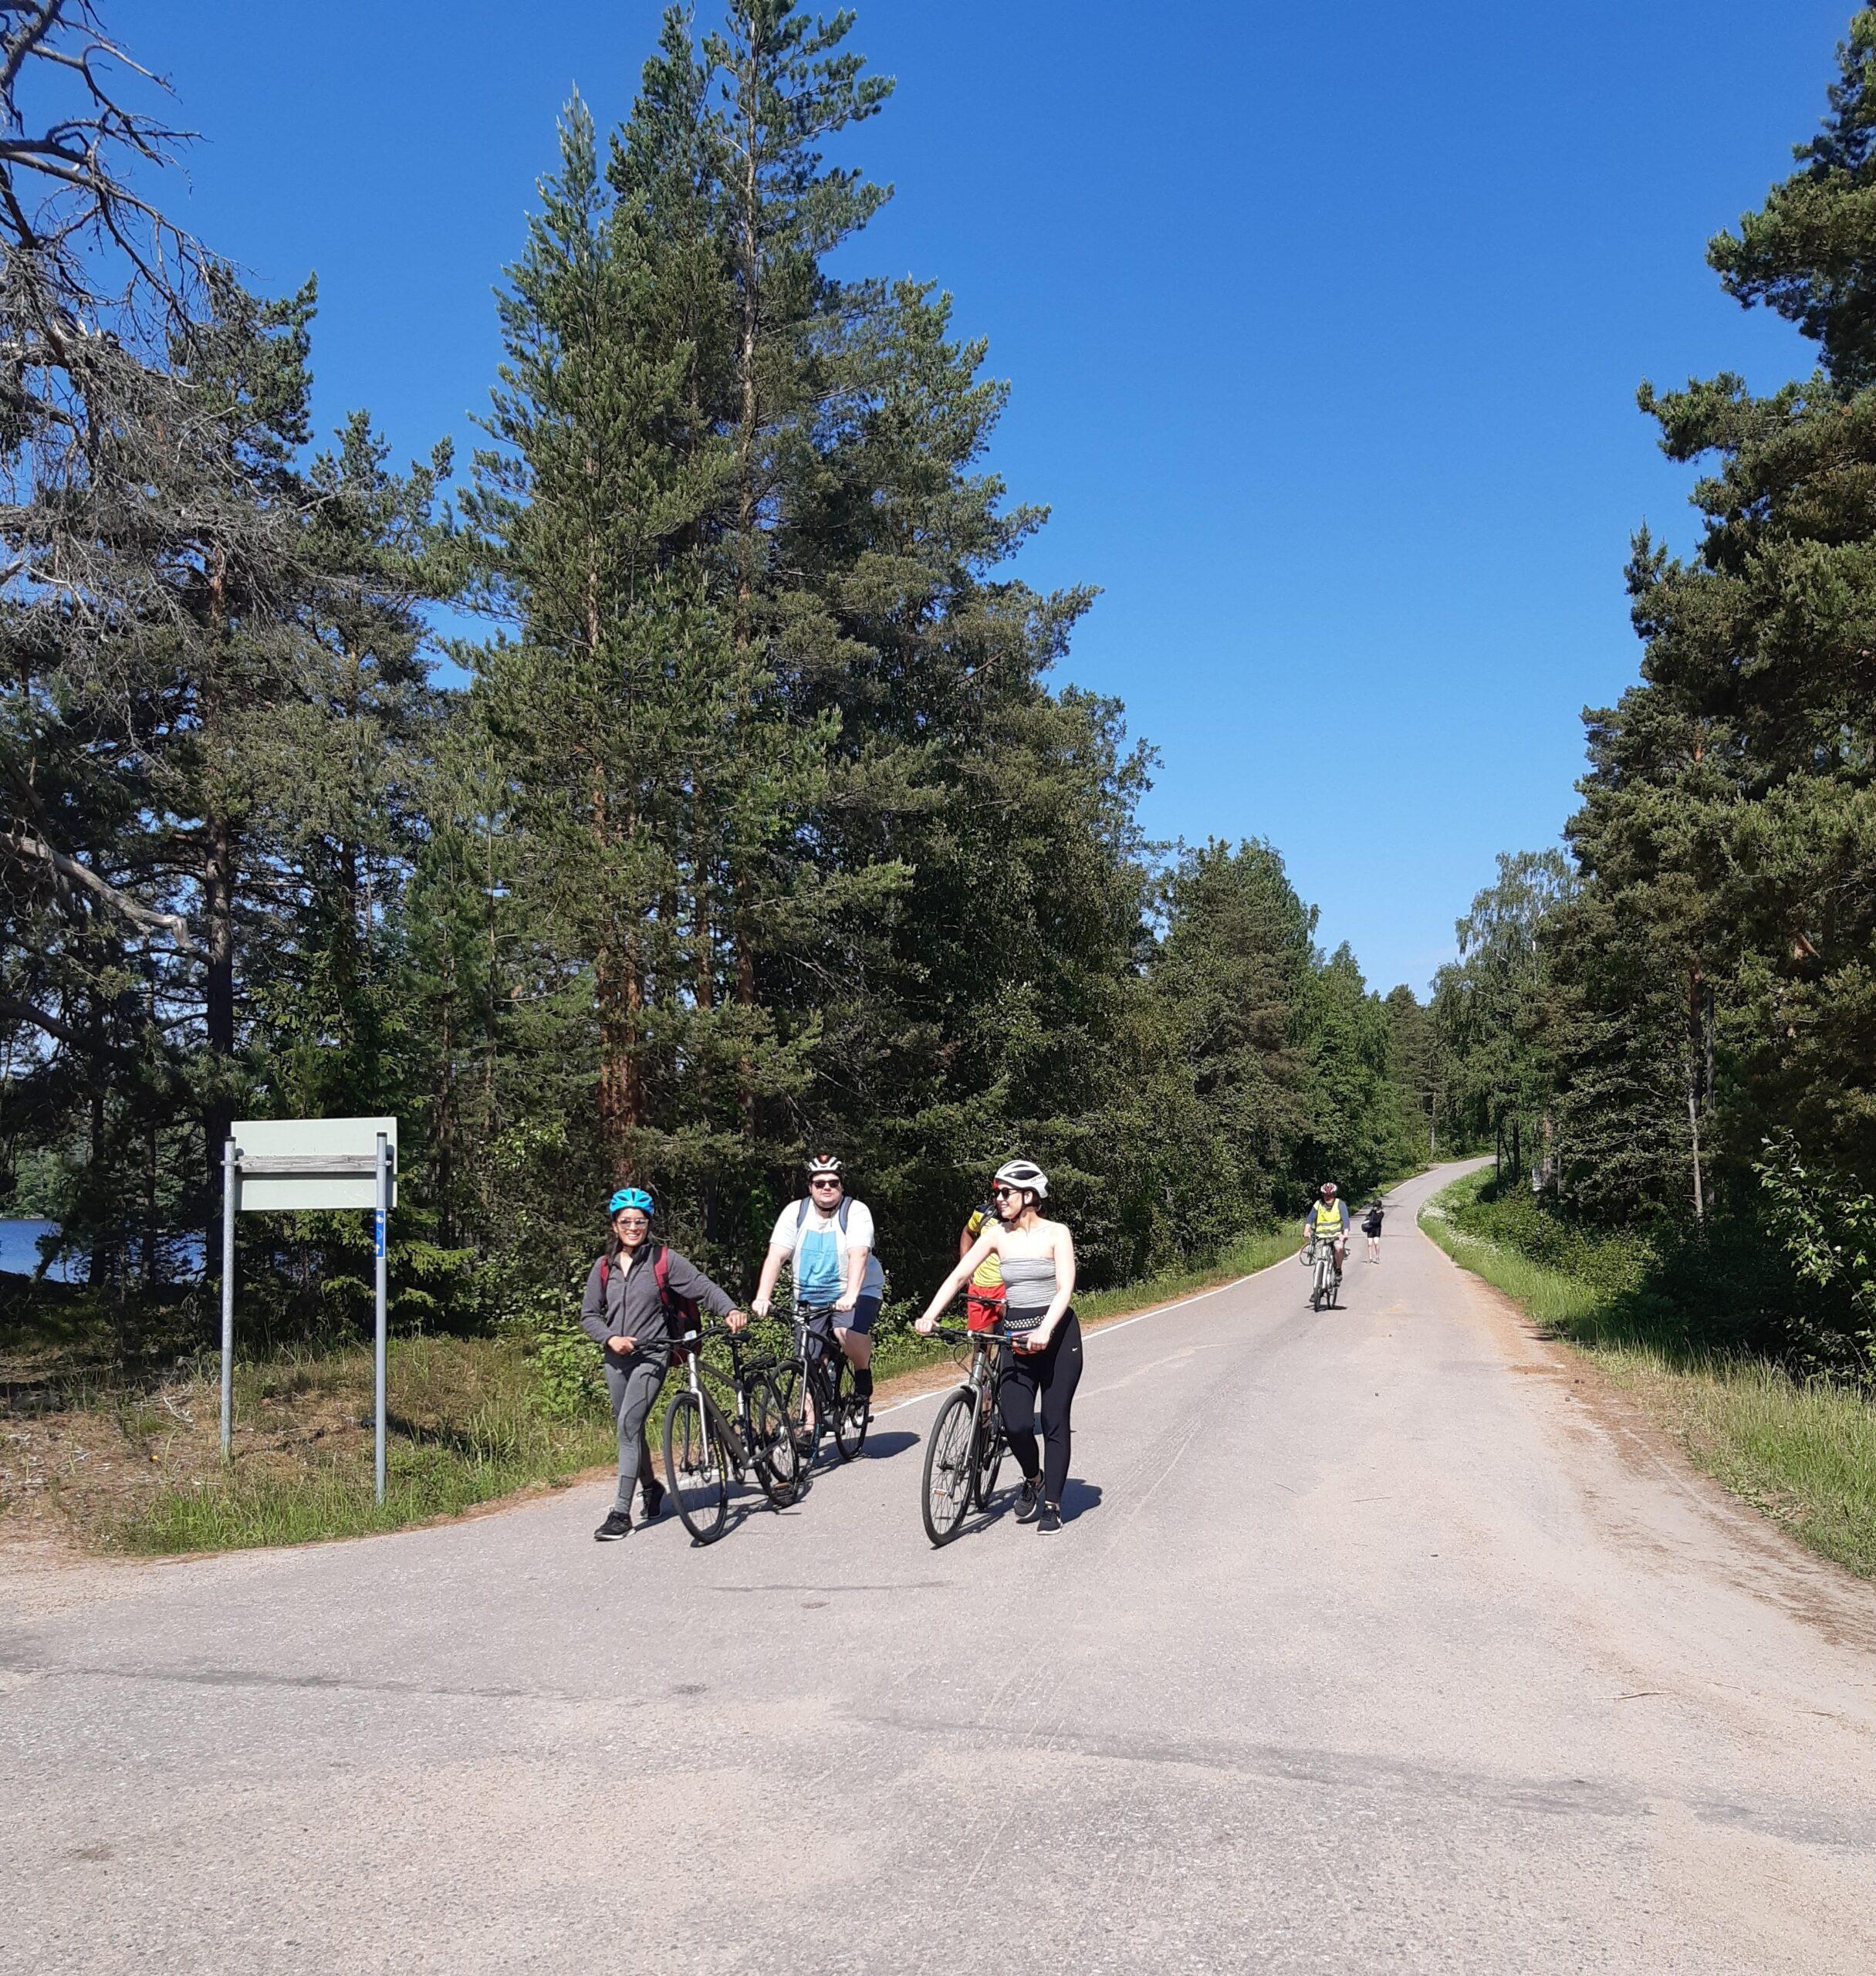 LAB Ammattikorkeakoulun opiskelijoista koostuva testiryhmä pyöräilemässä